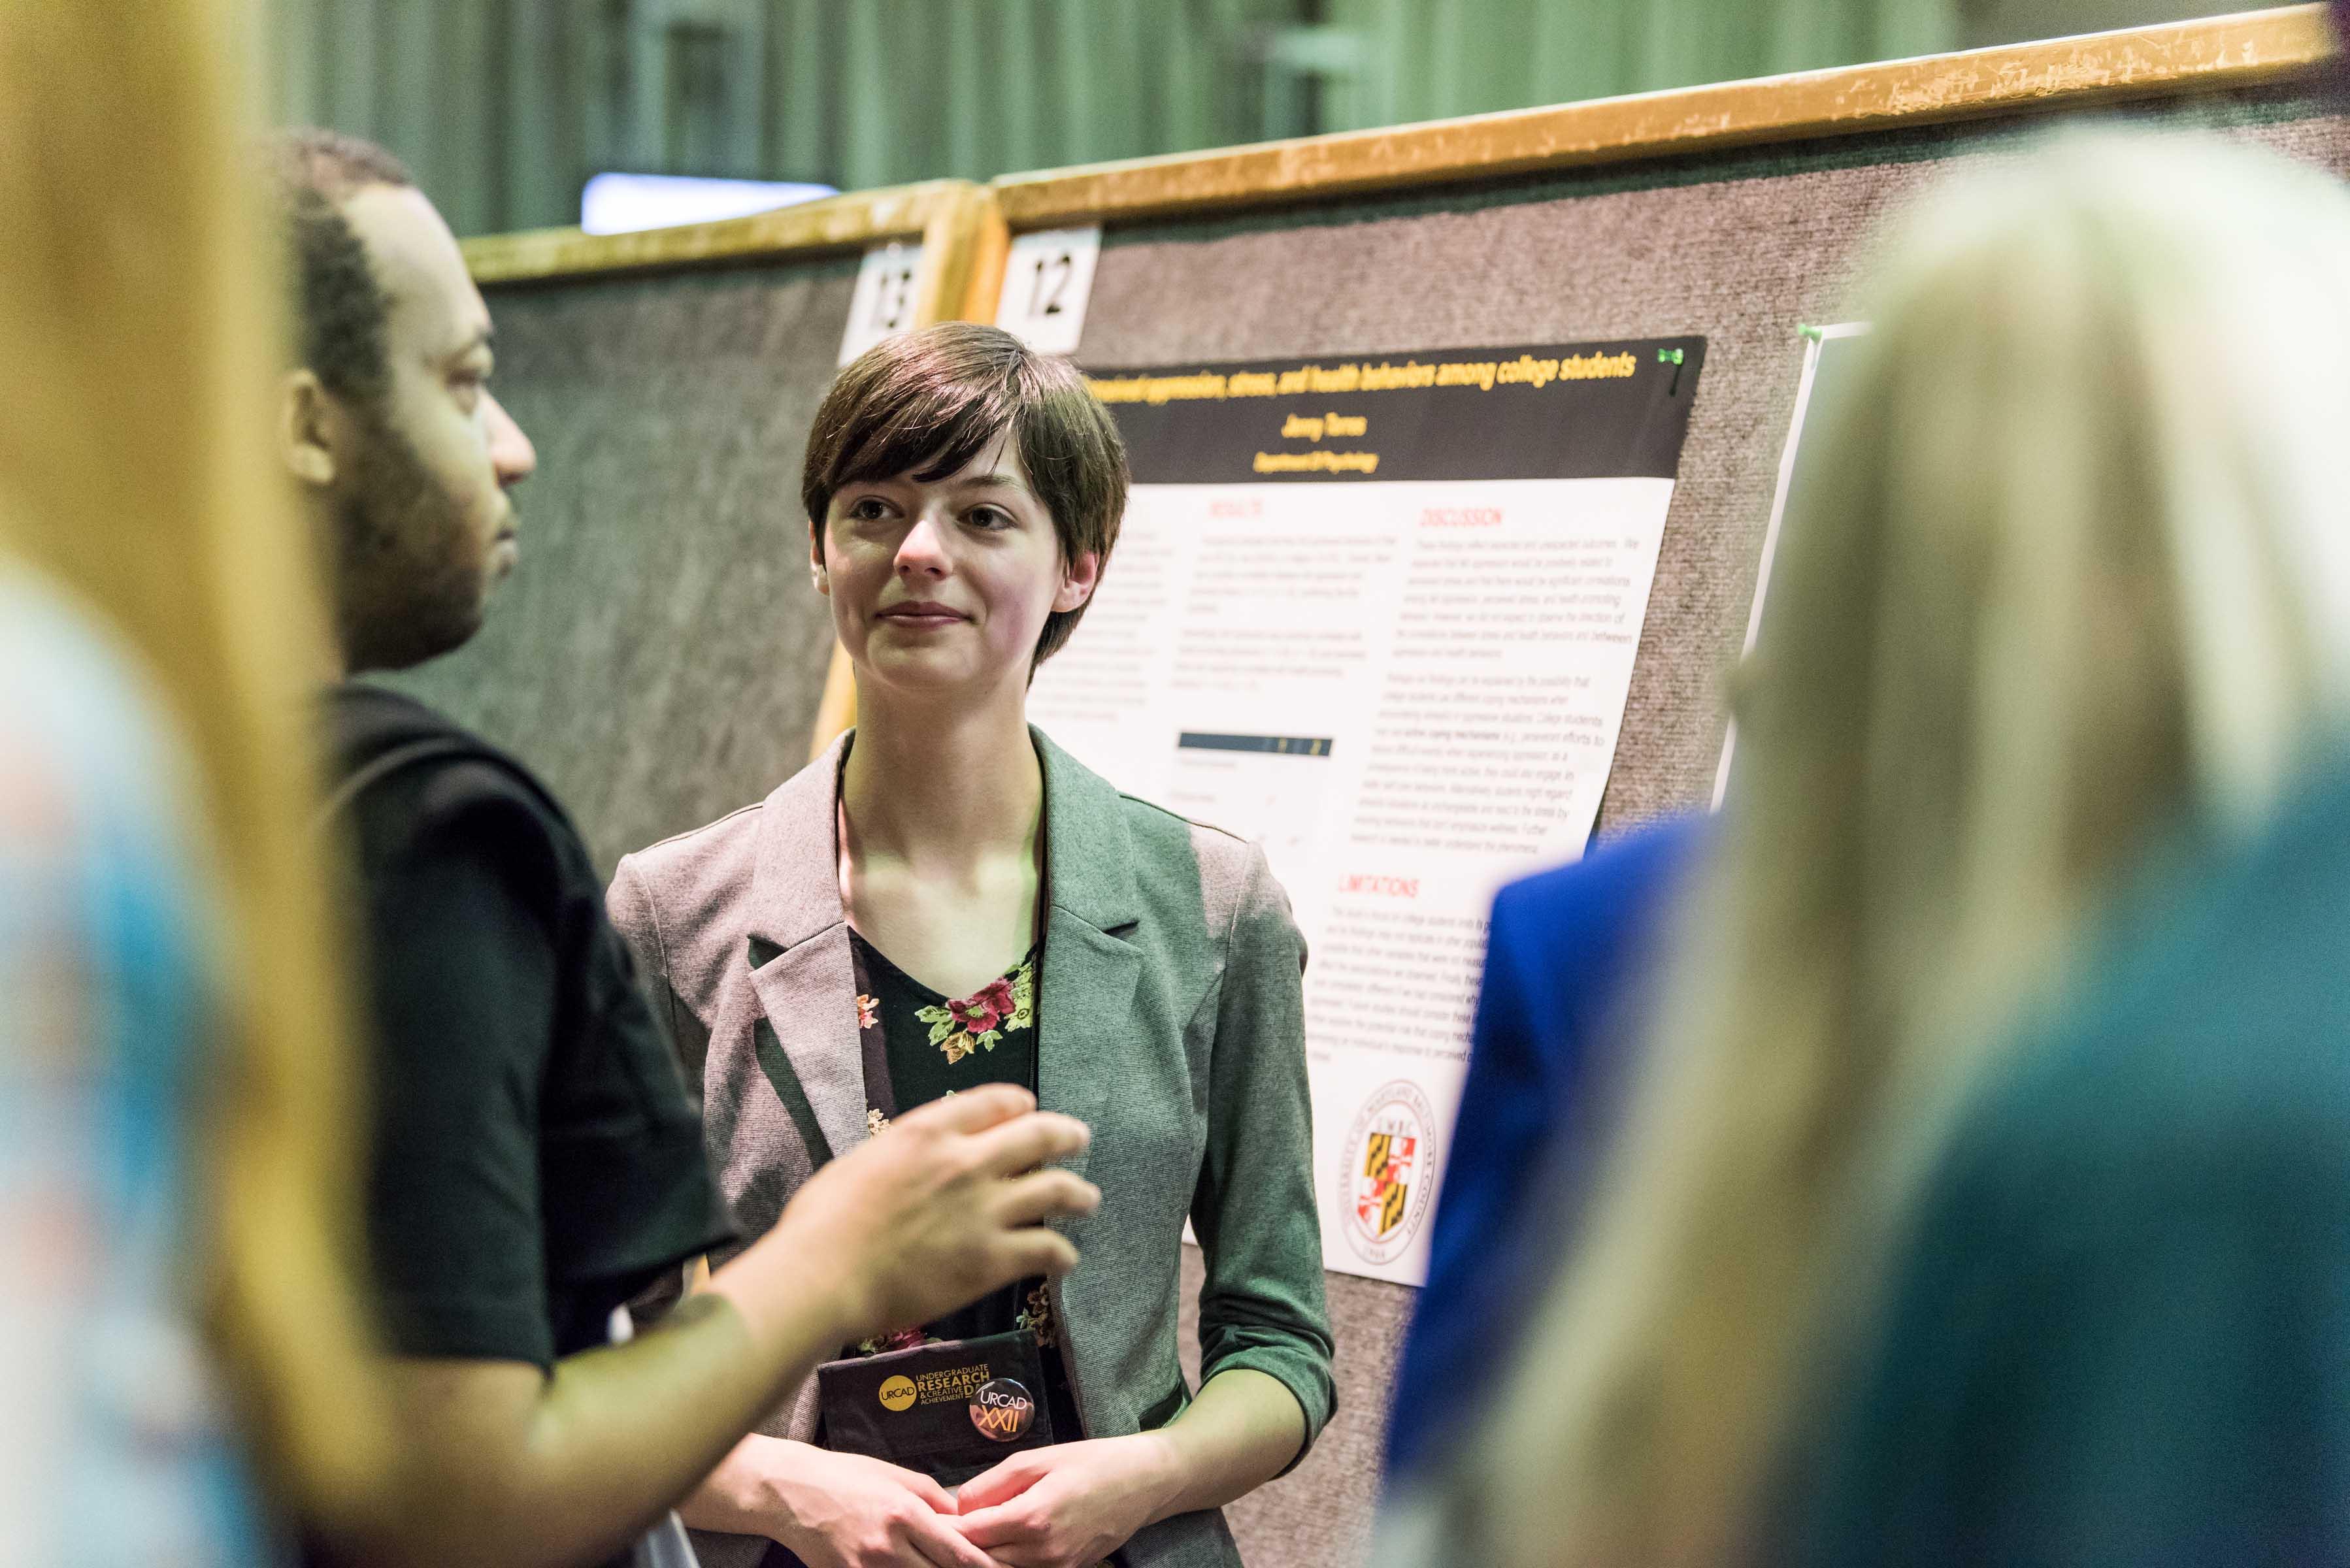 Jenn Hewitt presenting findings